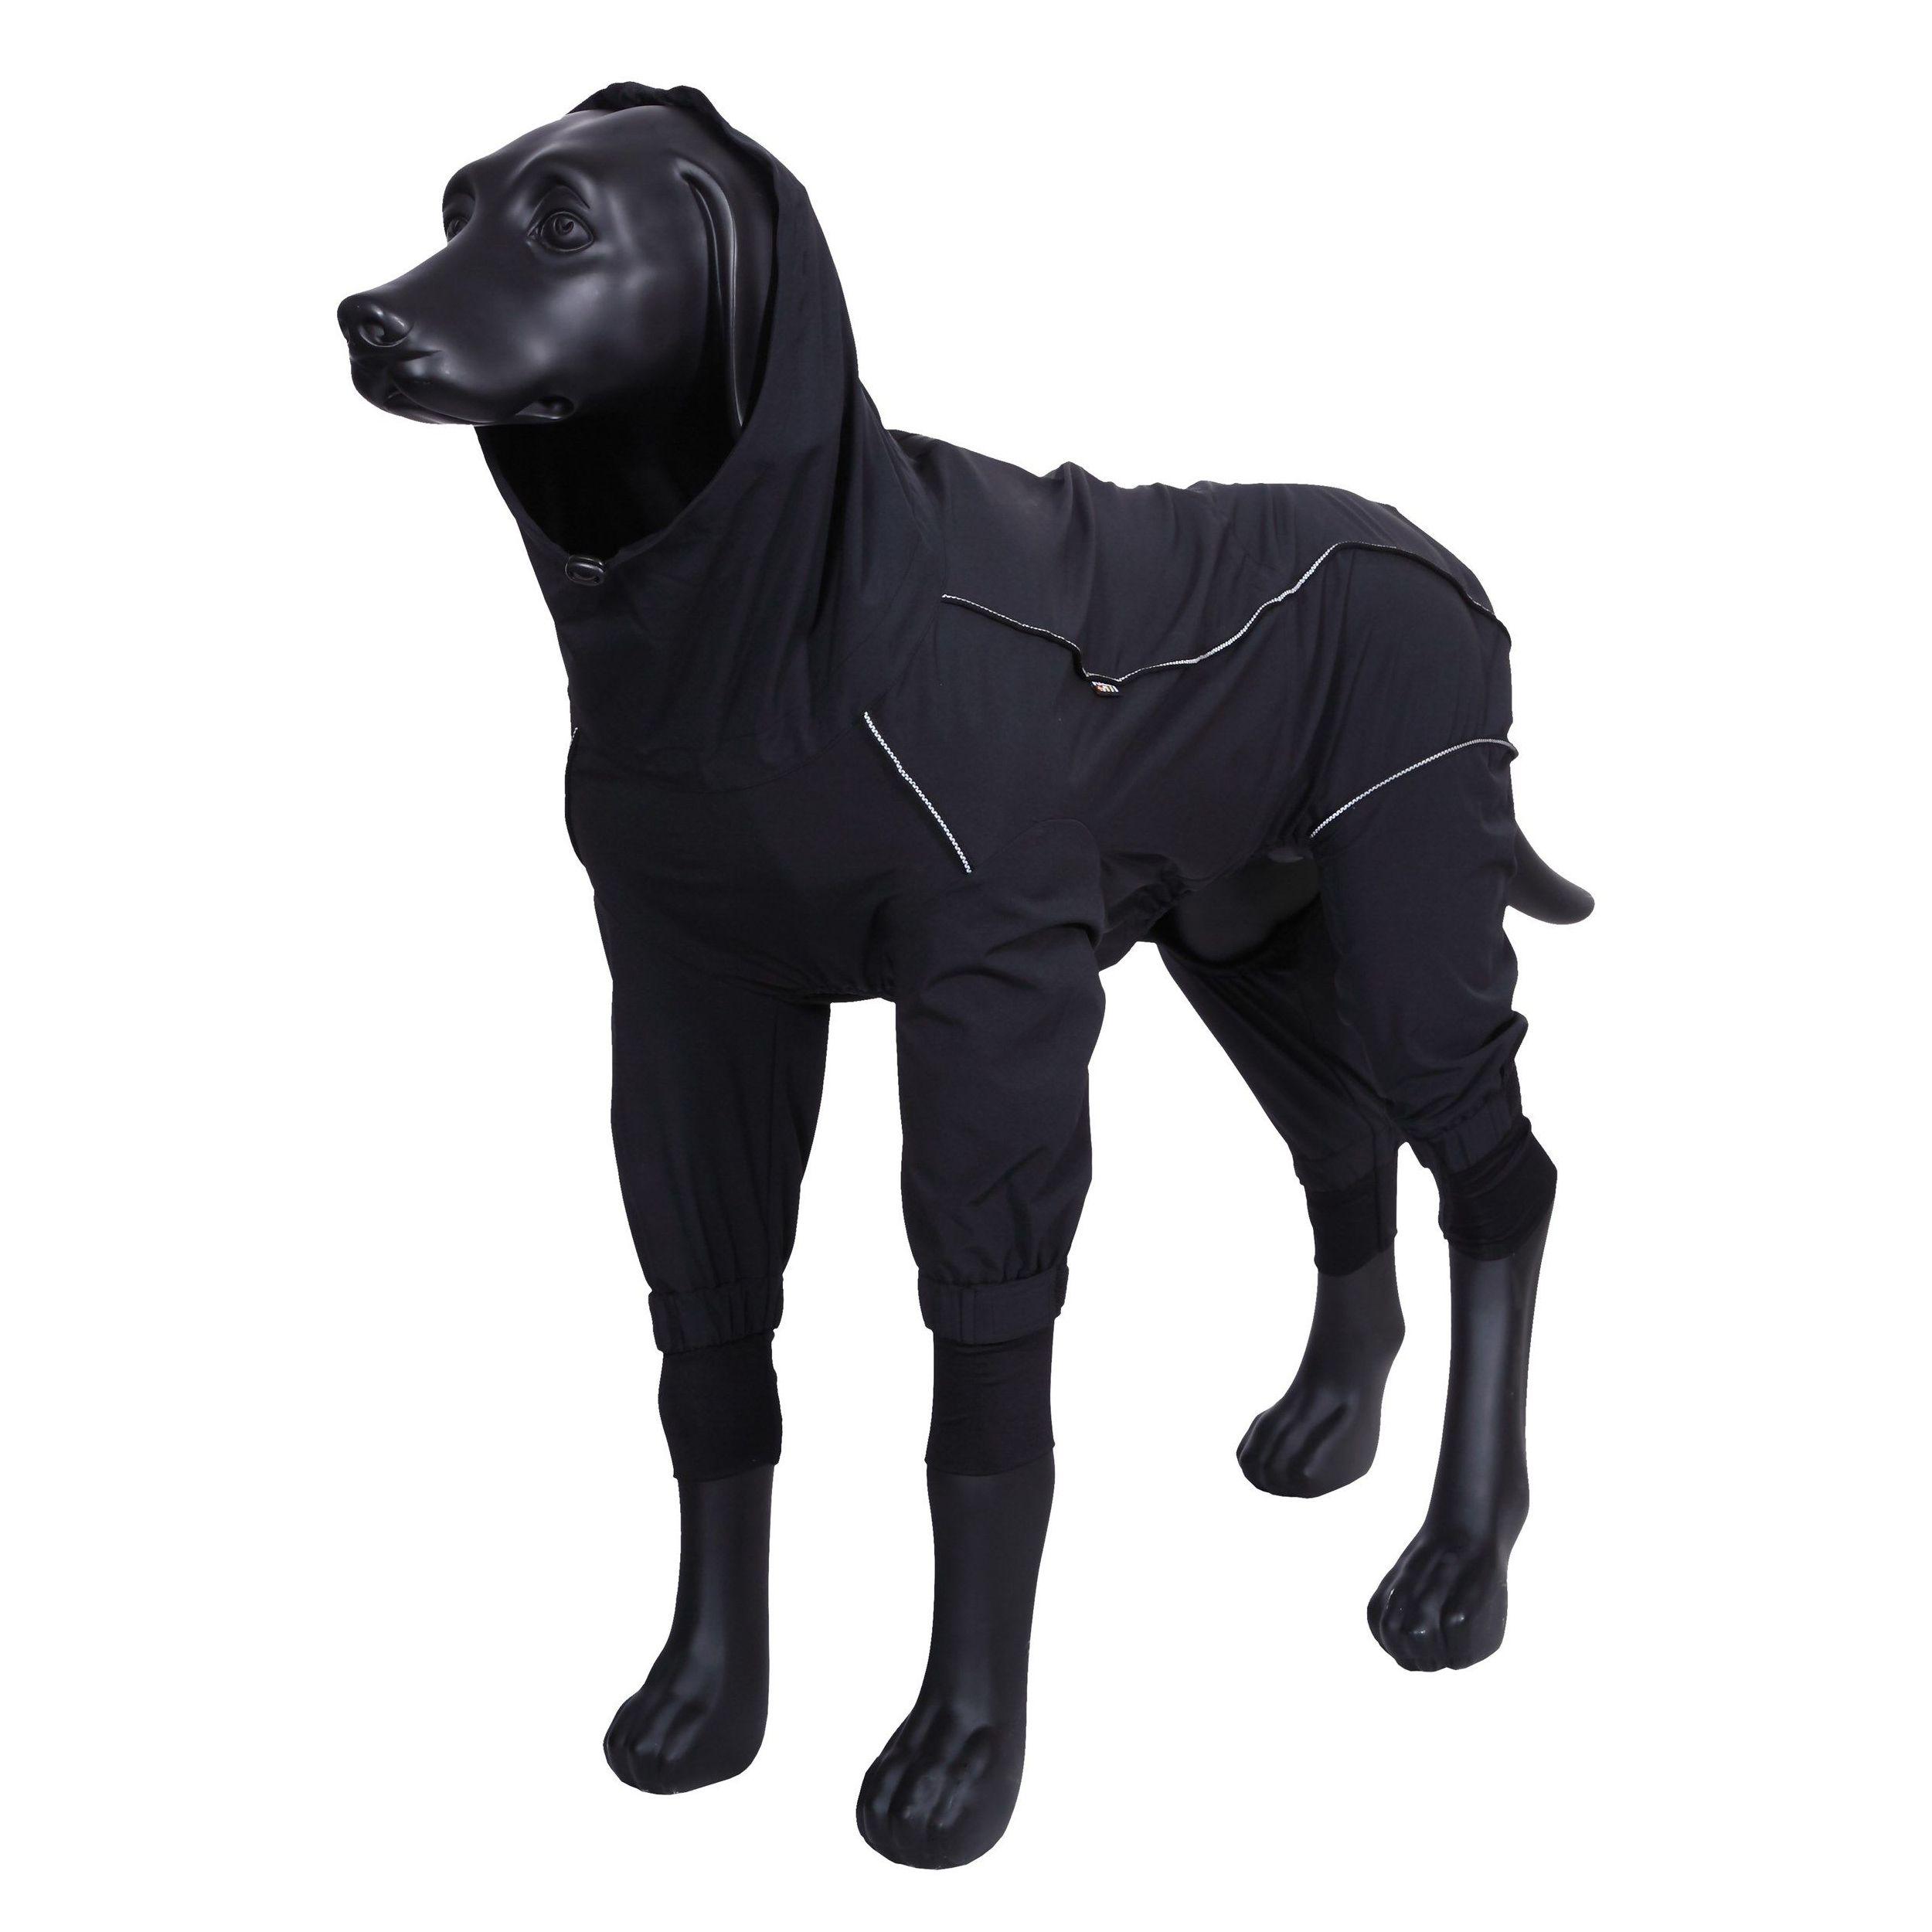 купить Комбинезон для собак RUKKA Protect overall 2.0 65см черный по цене 4299 рублей